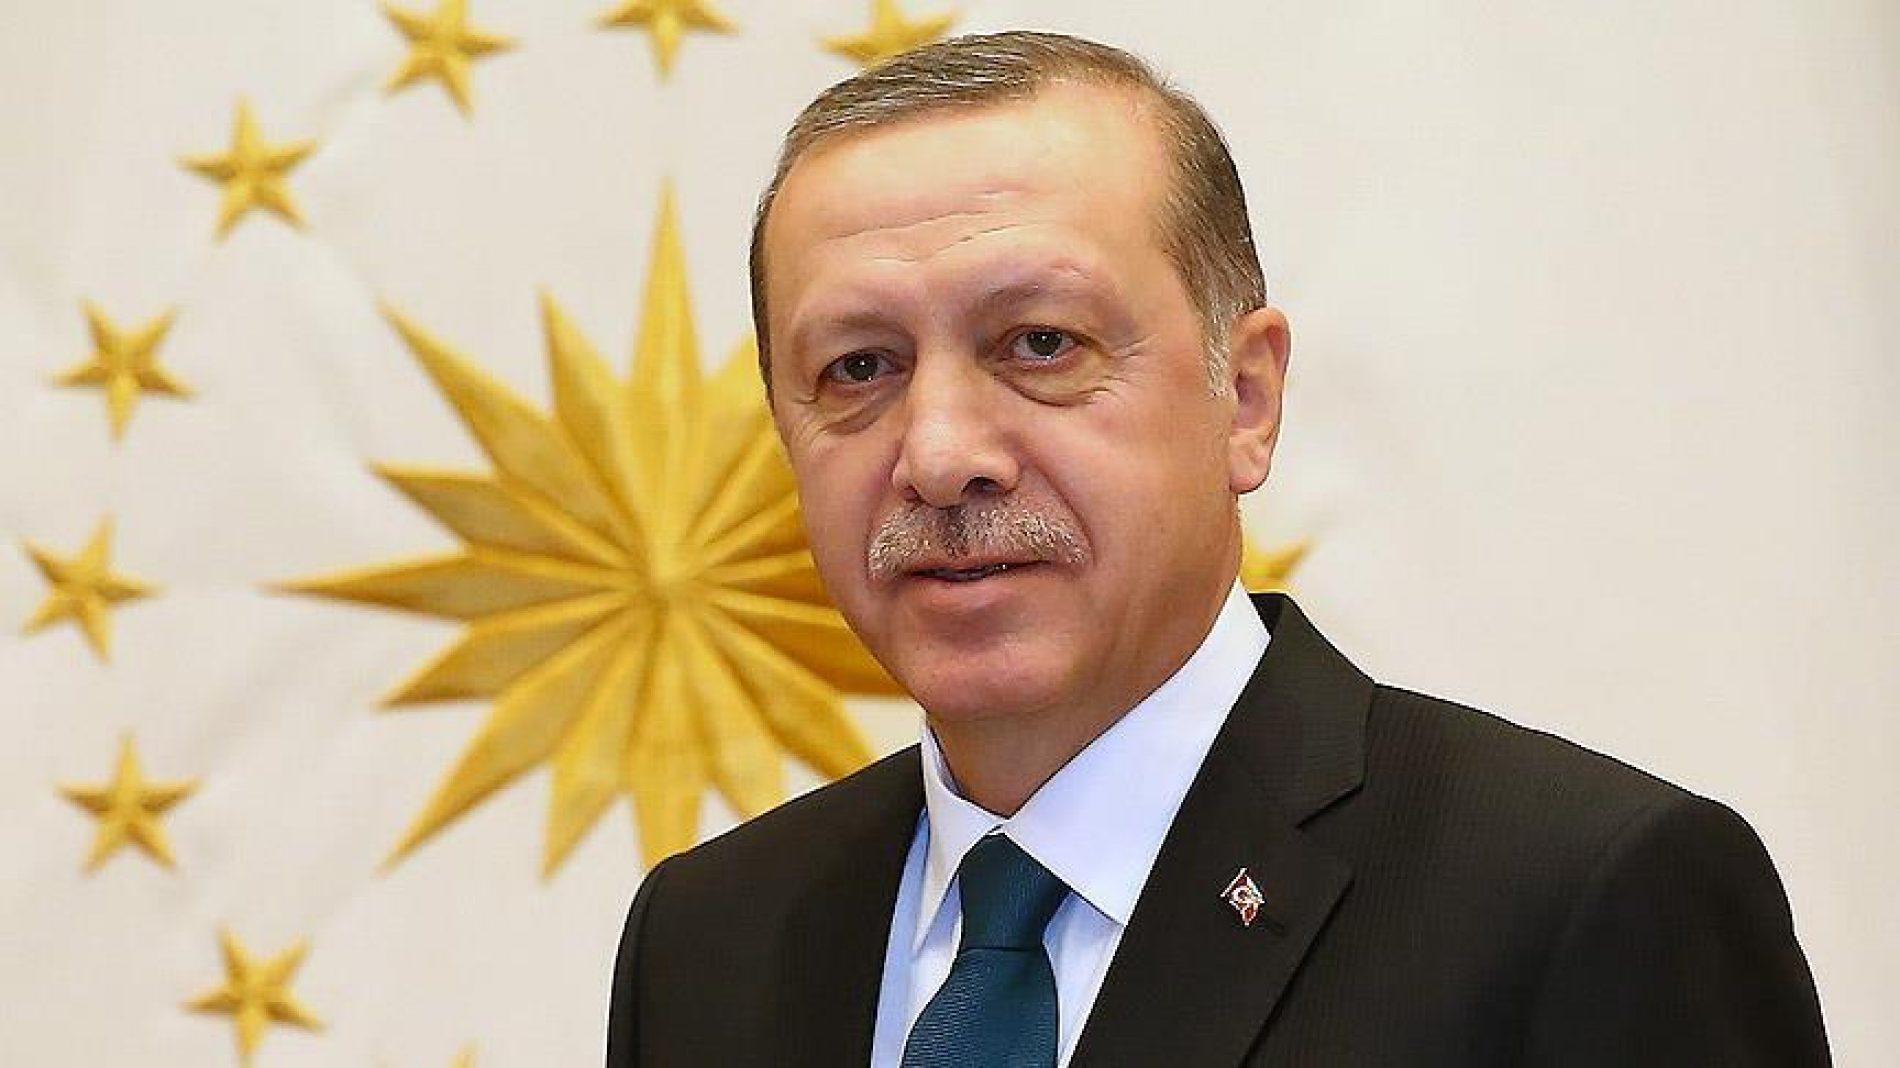 Erdogan doputovao u posjetu Bosni i Hercegovini